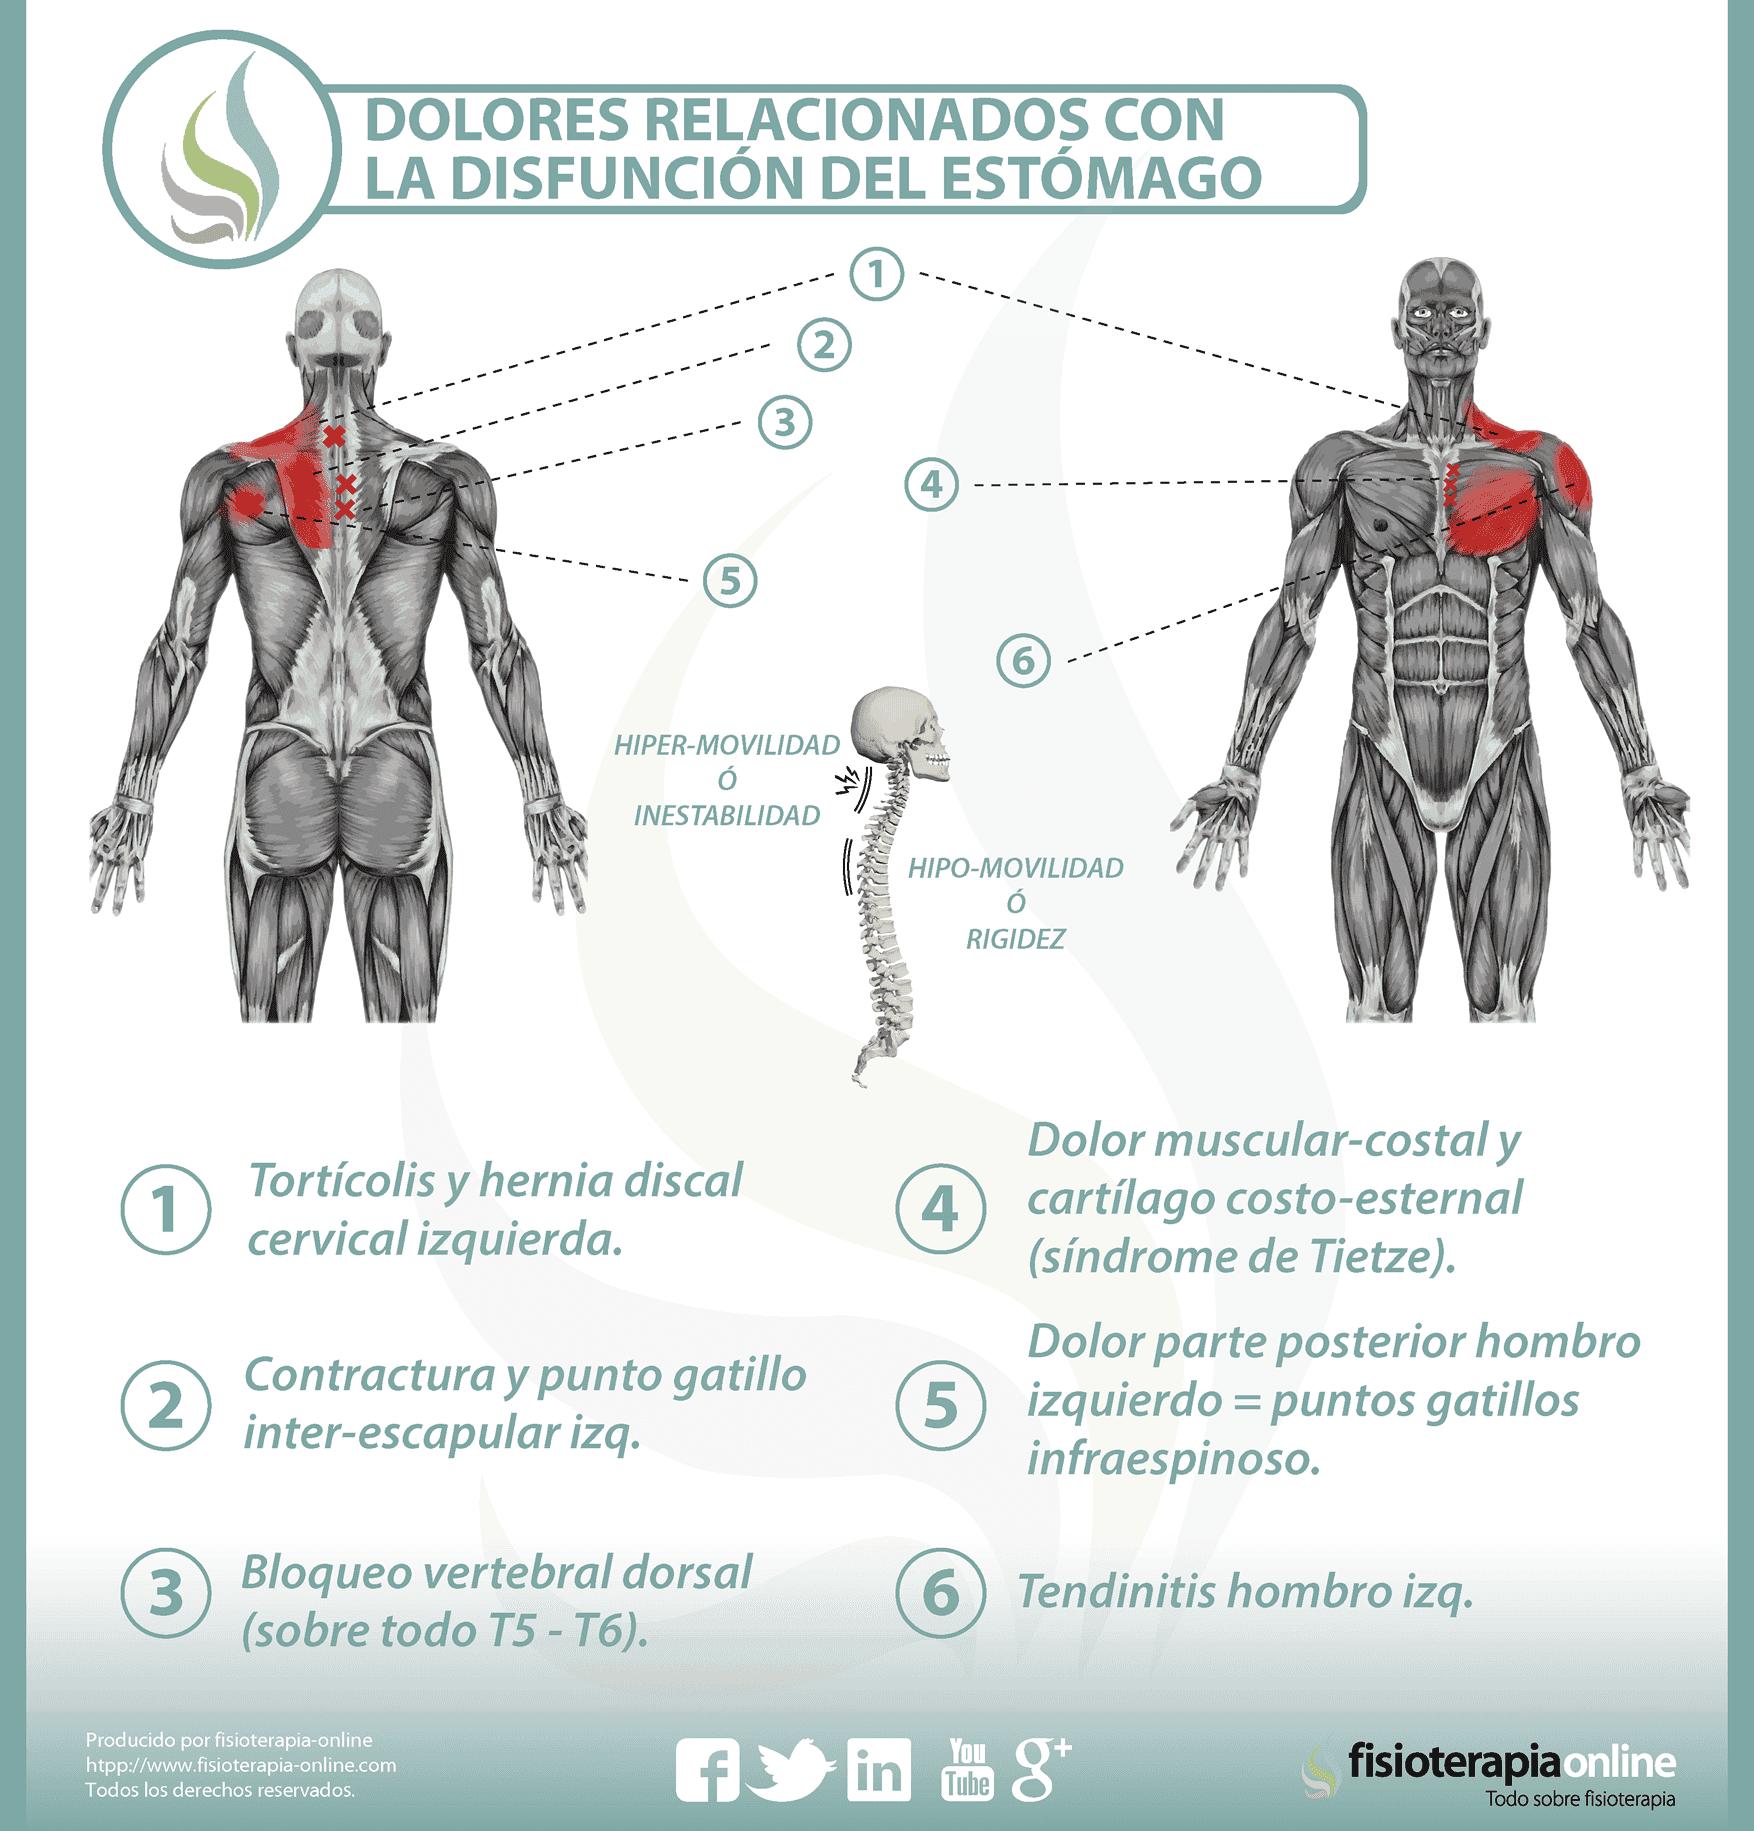 A sheynom la osteocondrosis puede estar enfermo el pecho